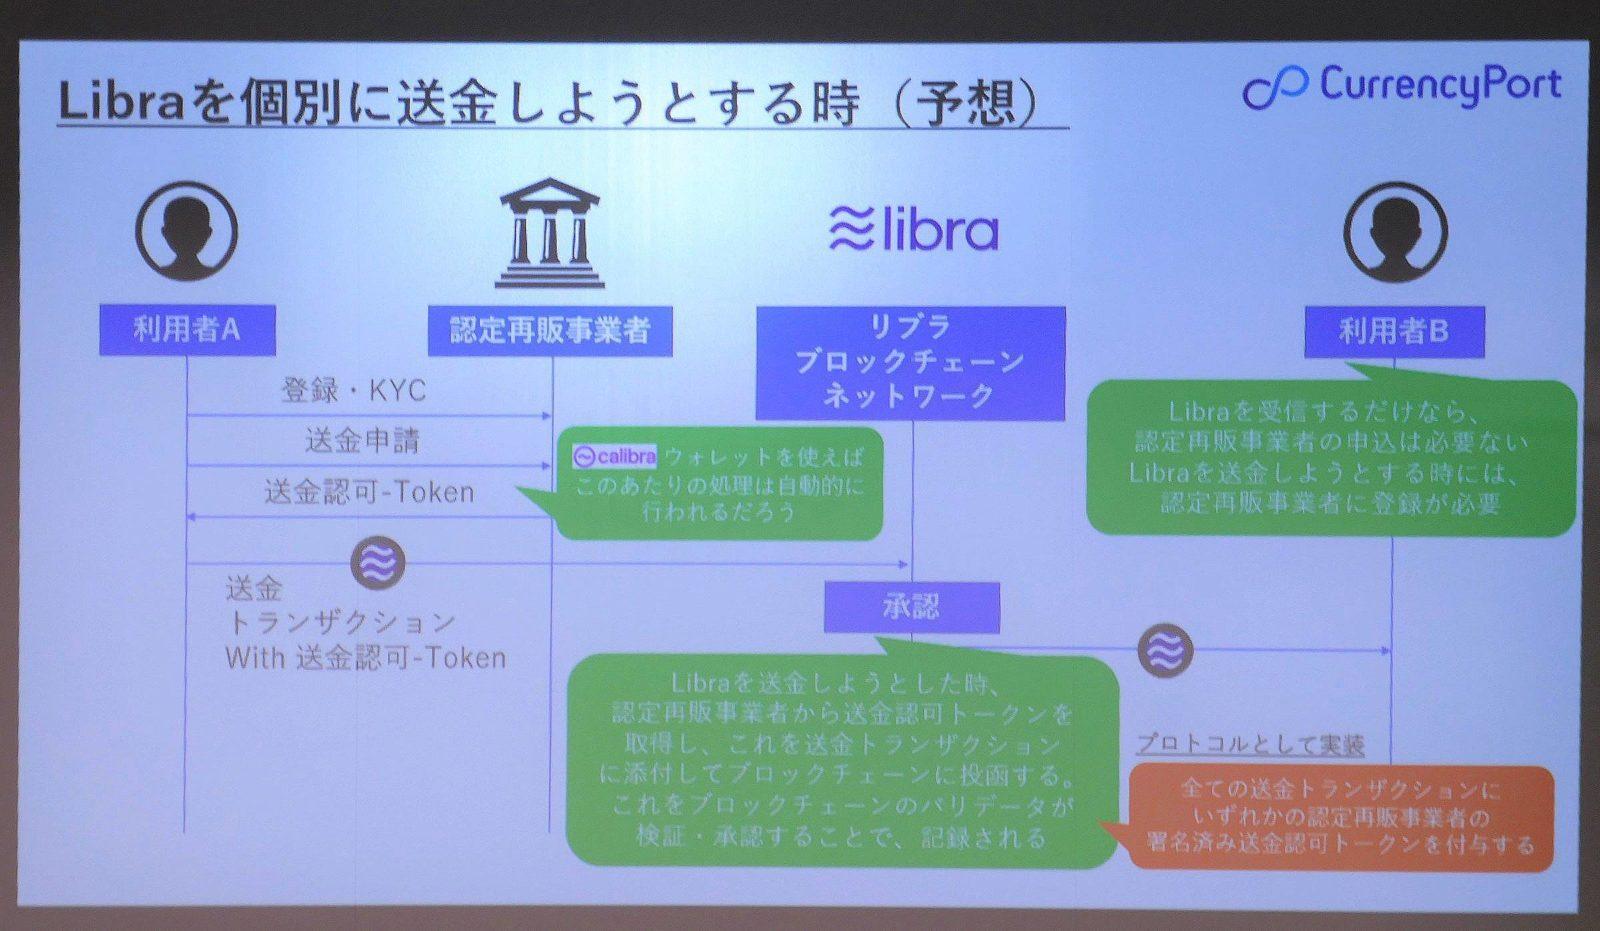 杉井氏が予想するLibraの送受金の仕組みとKYCへの対応。認定再販事業者による「送金認可トークン」の仕組みがプロトコルとして実装されるのではないかとする。ただし「これは送金までなら問題ない。しかし、送金先を認識していないので、FATFガイドライン的には不十分」(杉井氏)とも